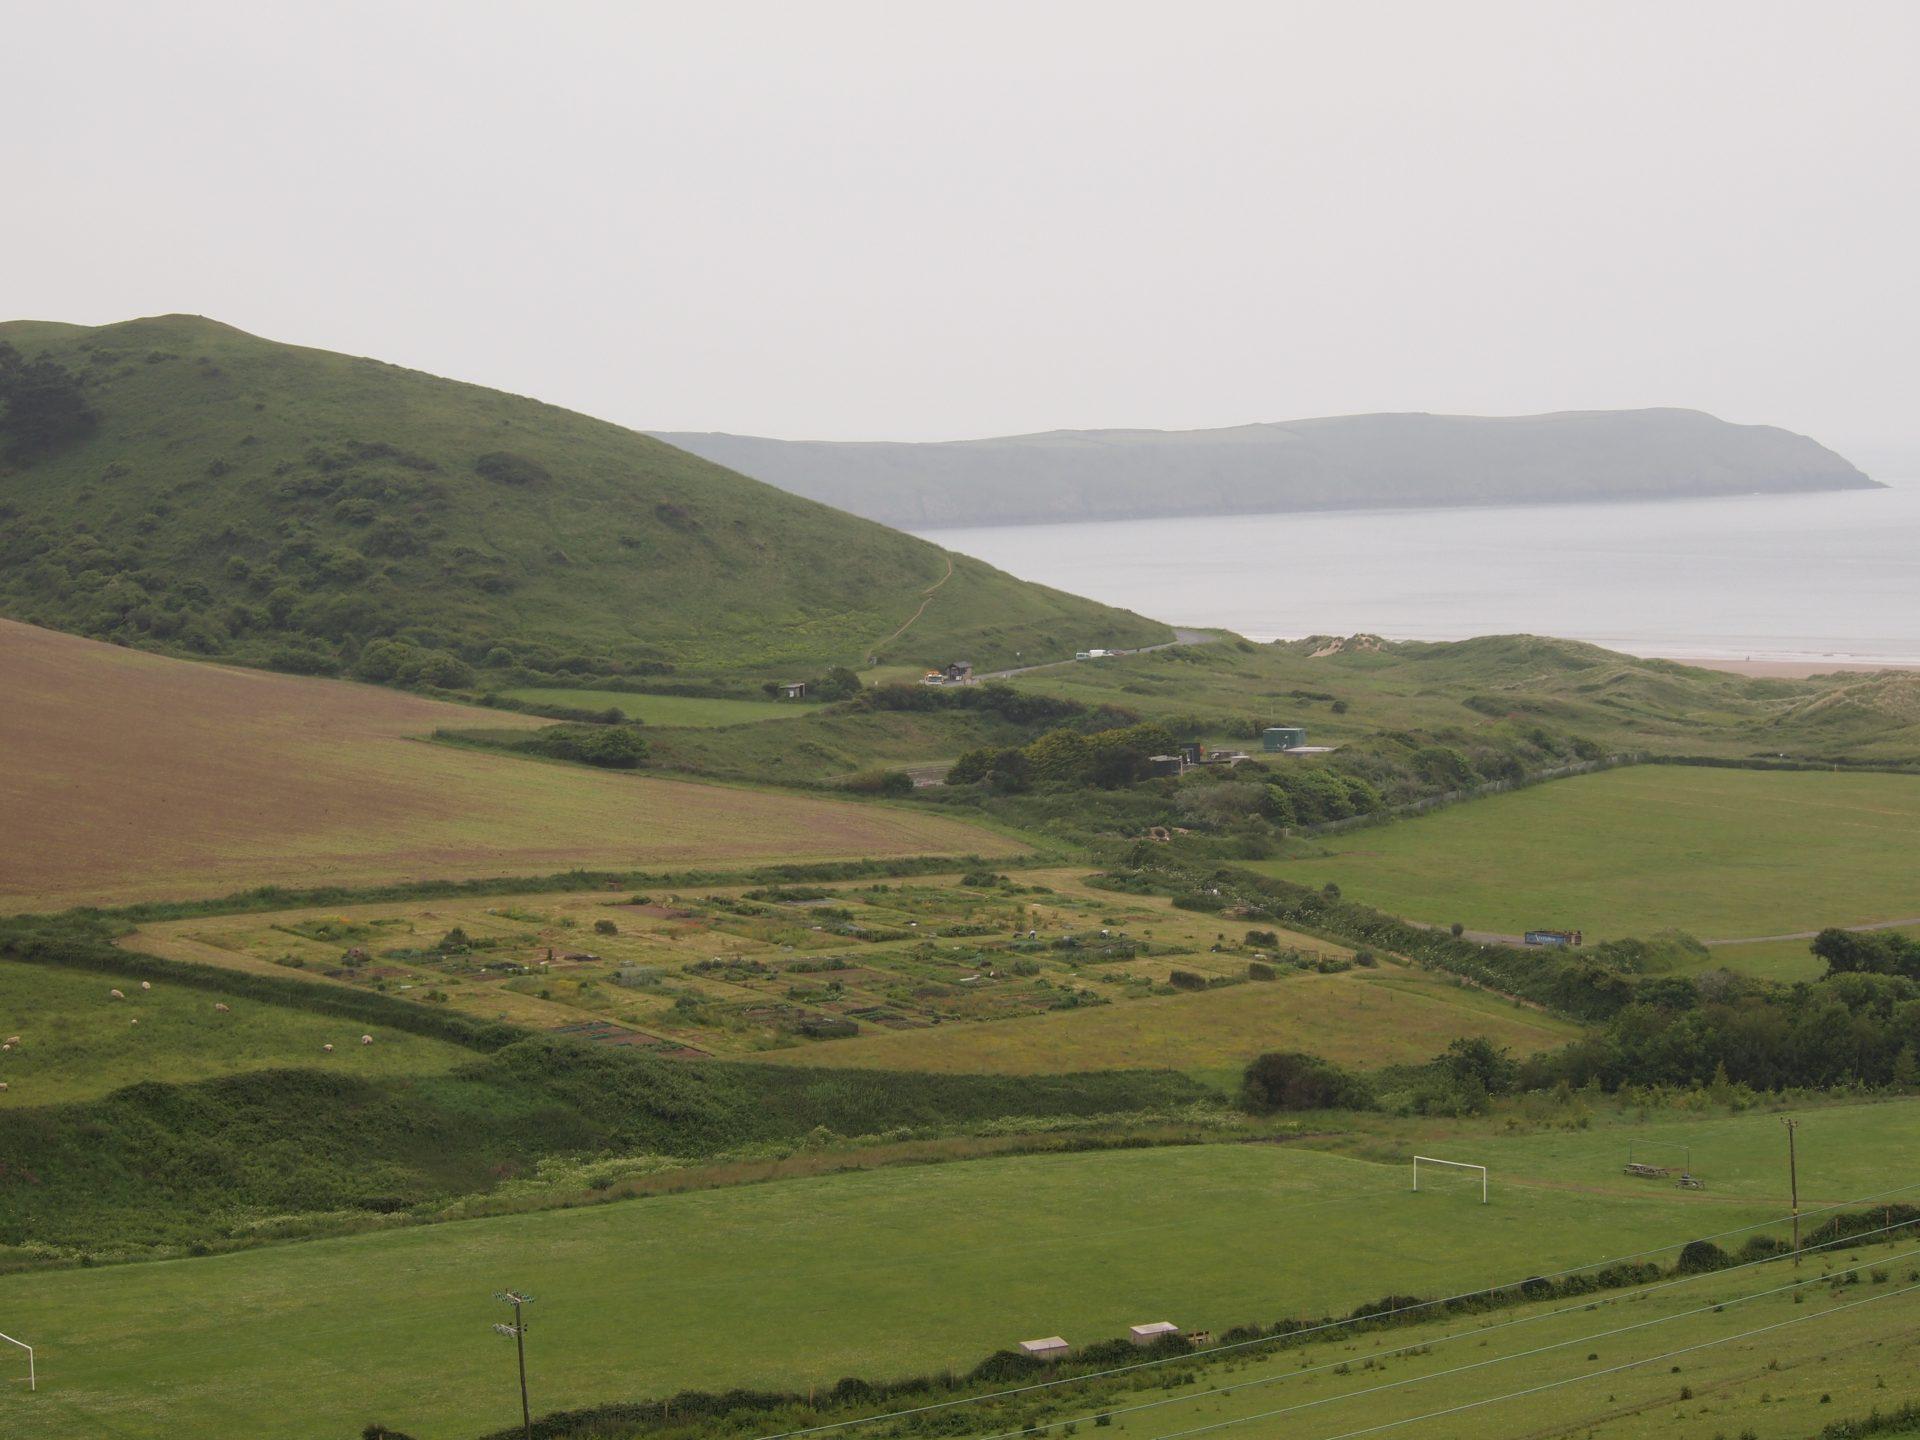 verso le spiagge del Devon